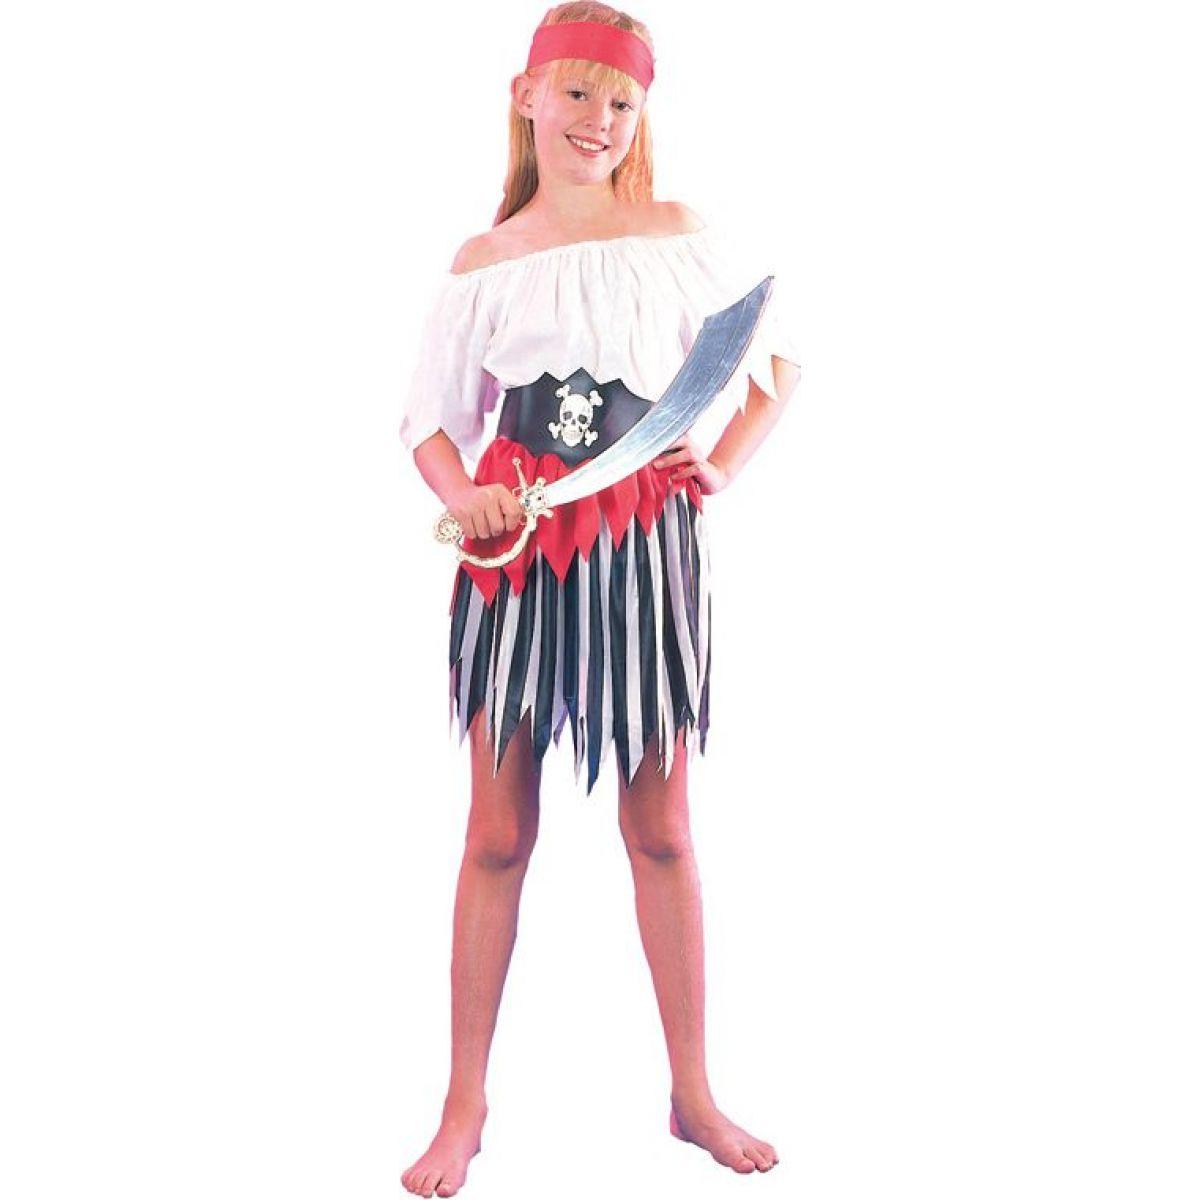 HM Studio Detský kostým Pirátka 130-140 cm